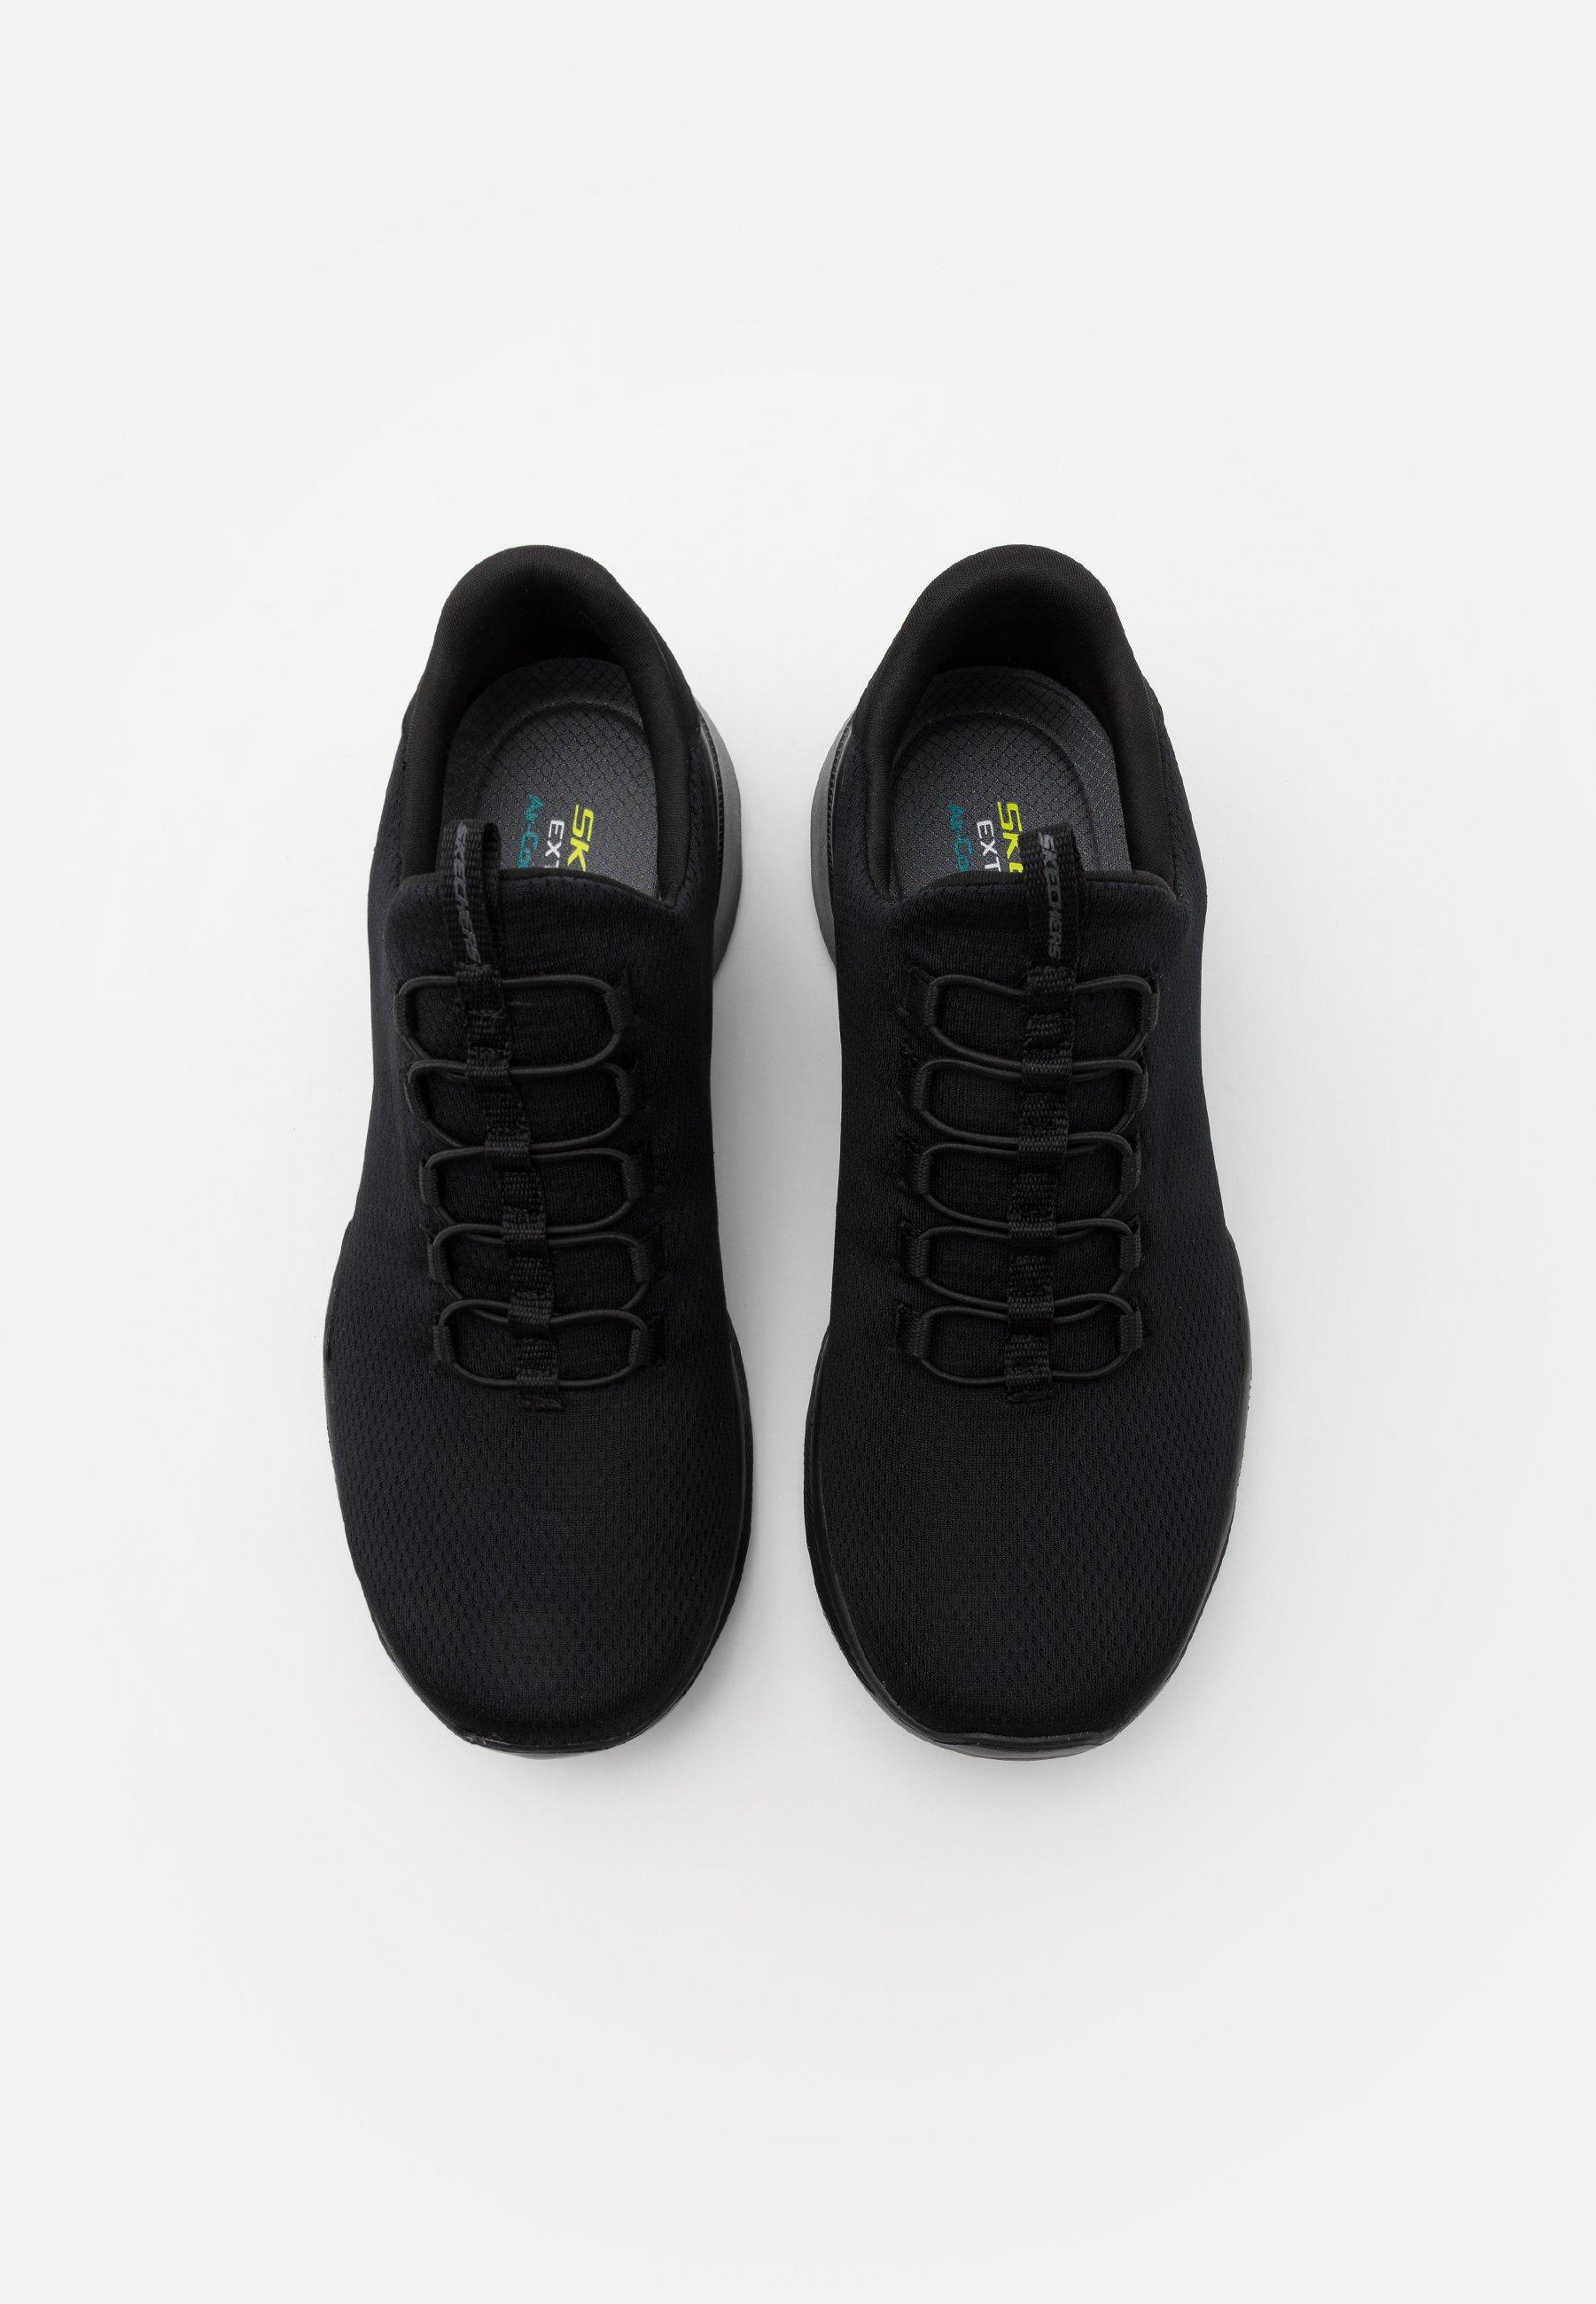 Skechers Slippers - black